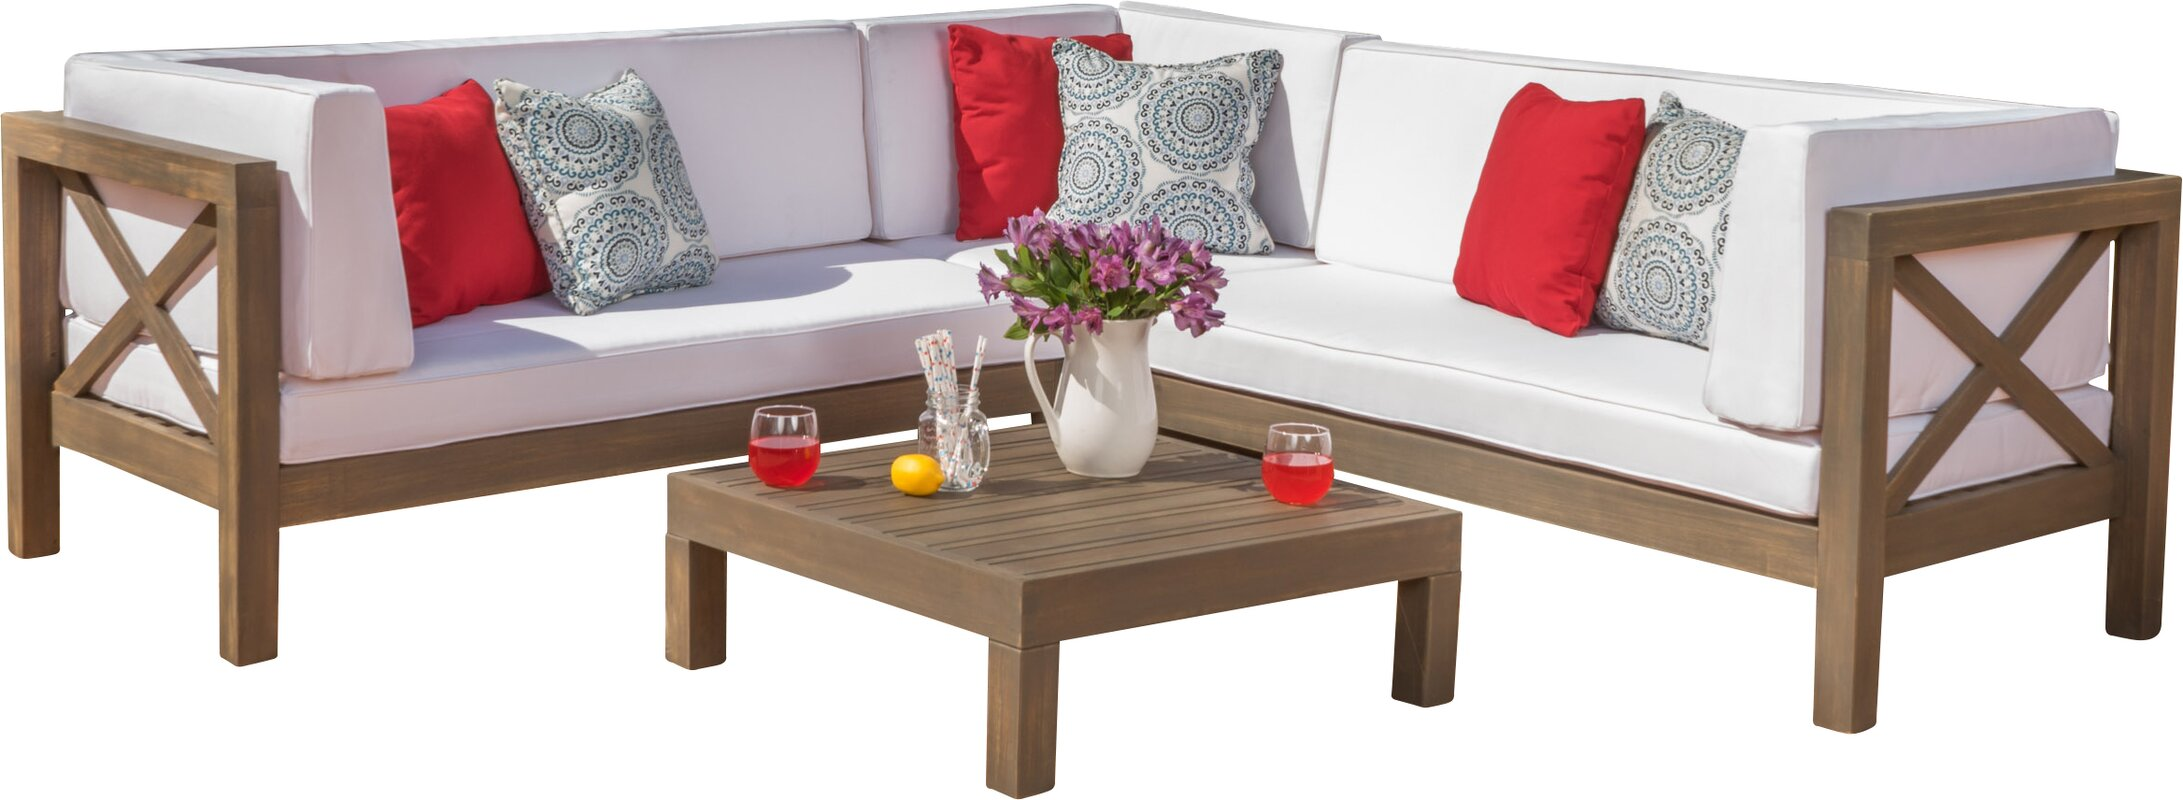 Lejeune 4 Piece Sofa Set With Cushion